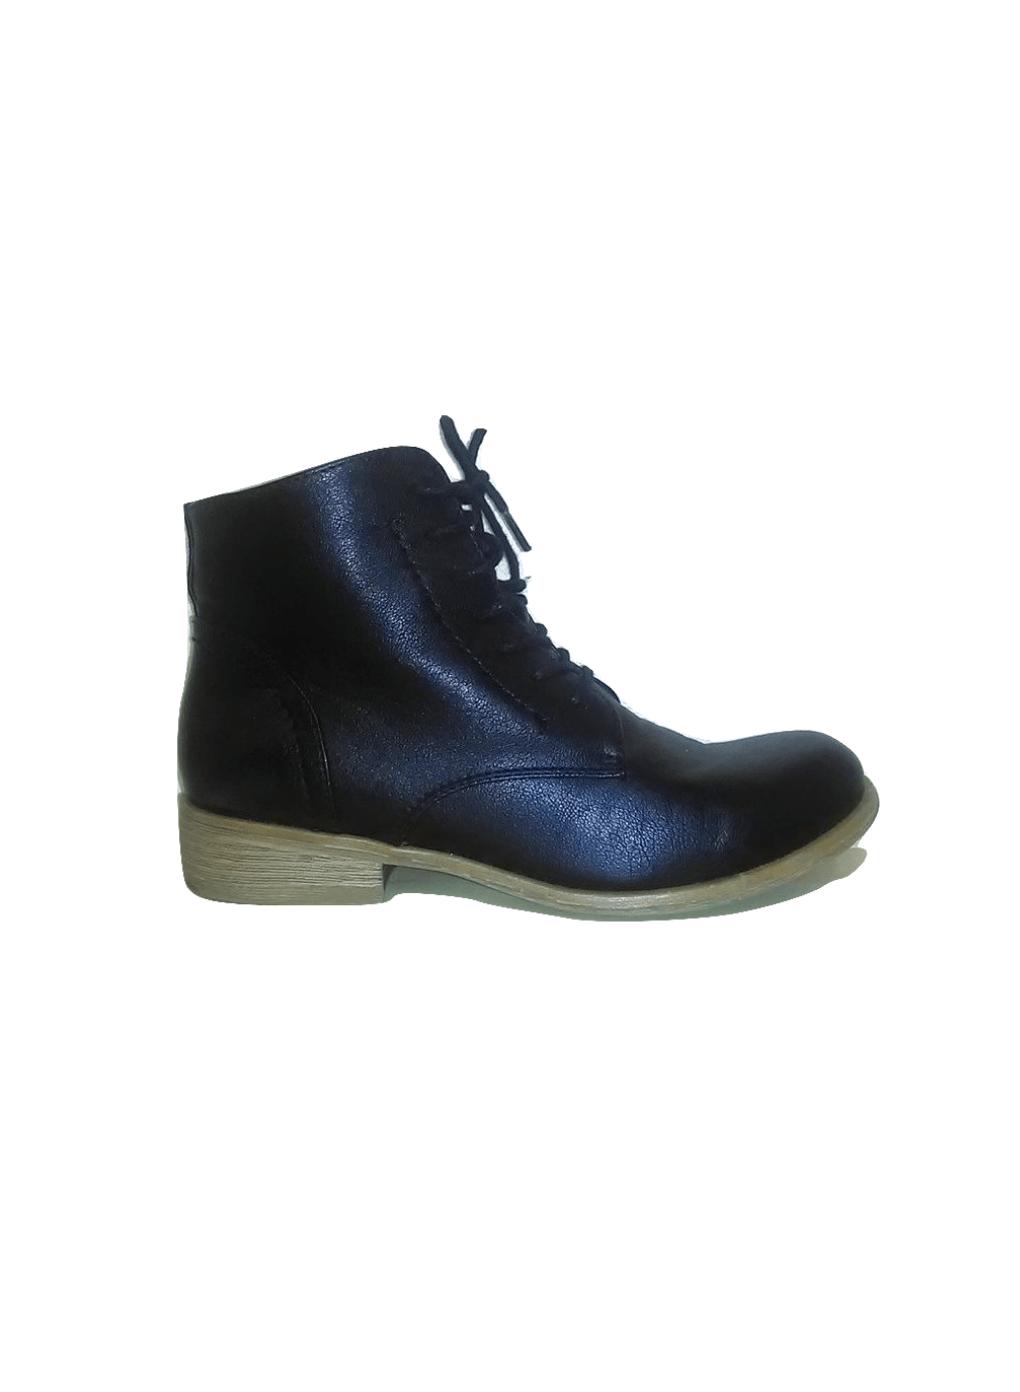 Moteriški juodi batai, GRACELAND, 36 dydis